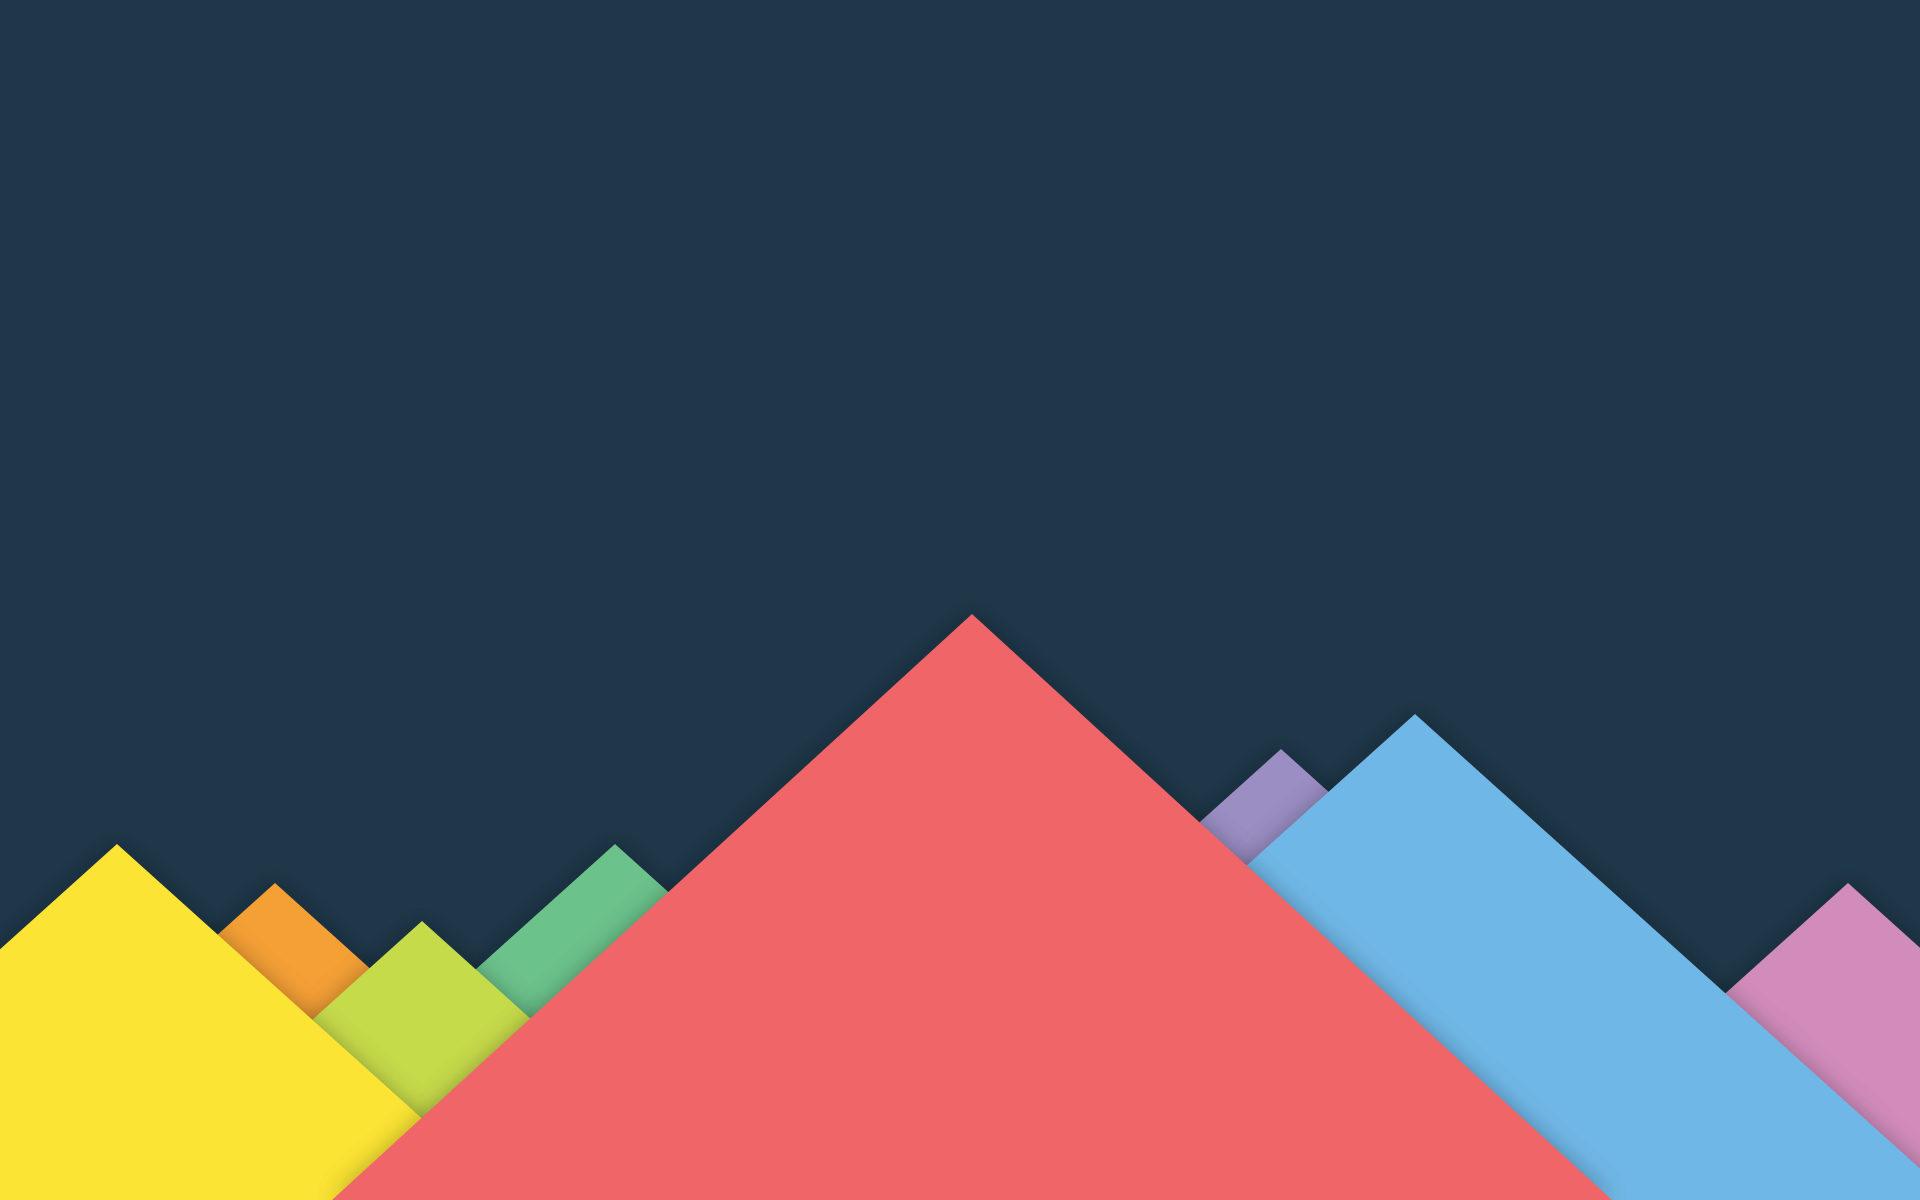 τρίγωνα, χρώματα, φόντο, βουνά, επίπεδη σχεδίαση - Wallpapers HD - Professor-falken.com